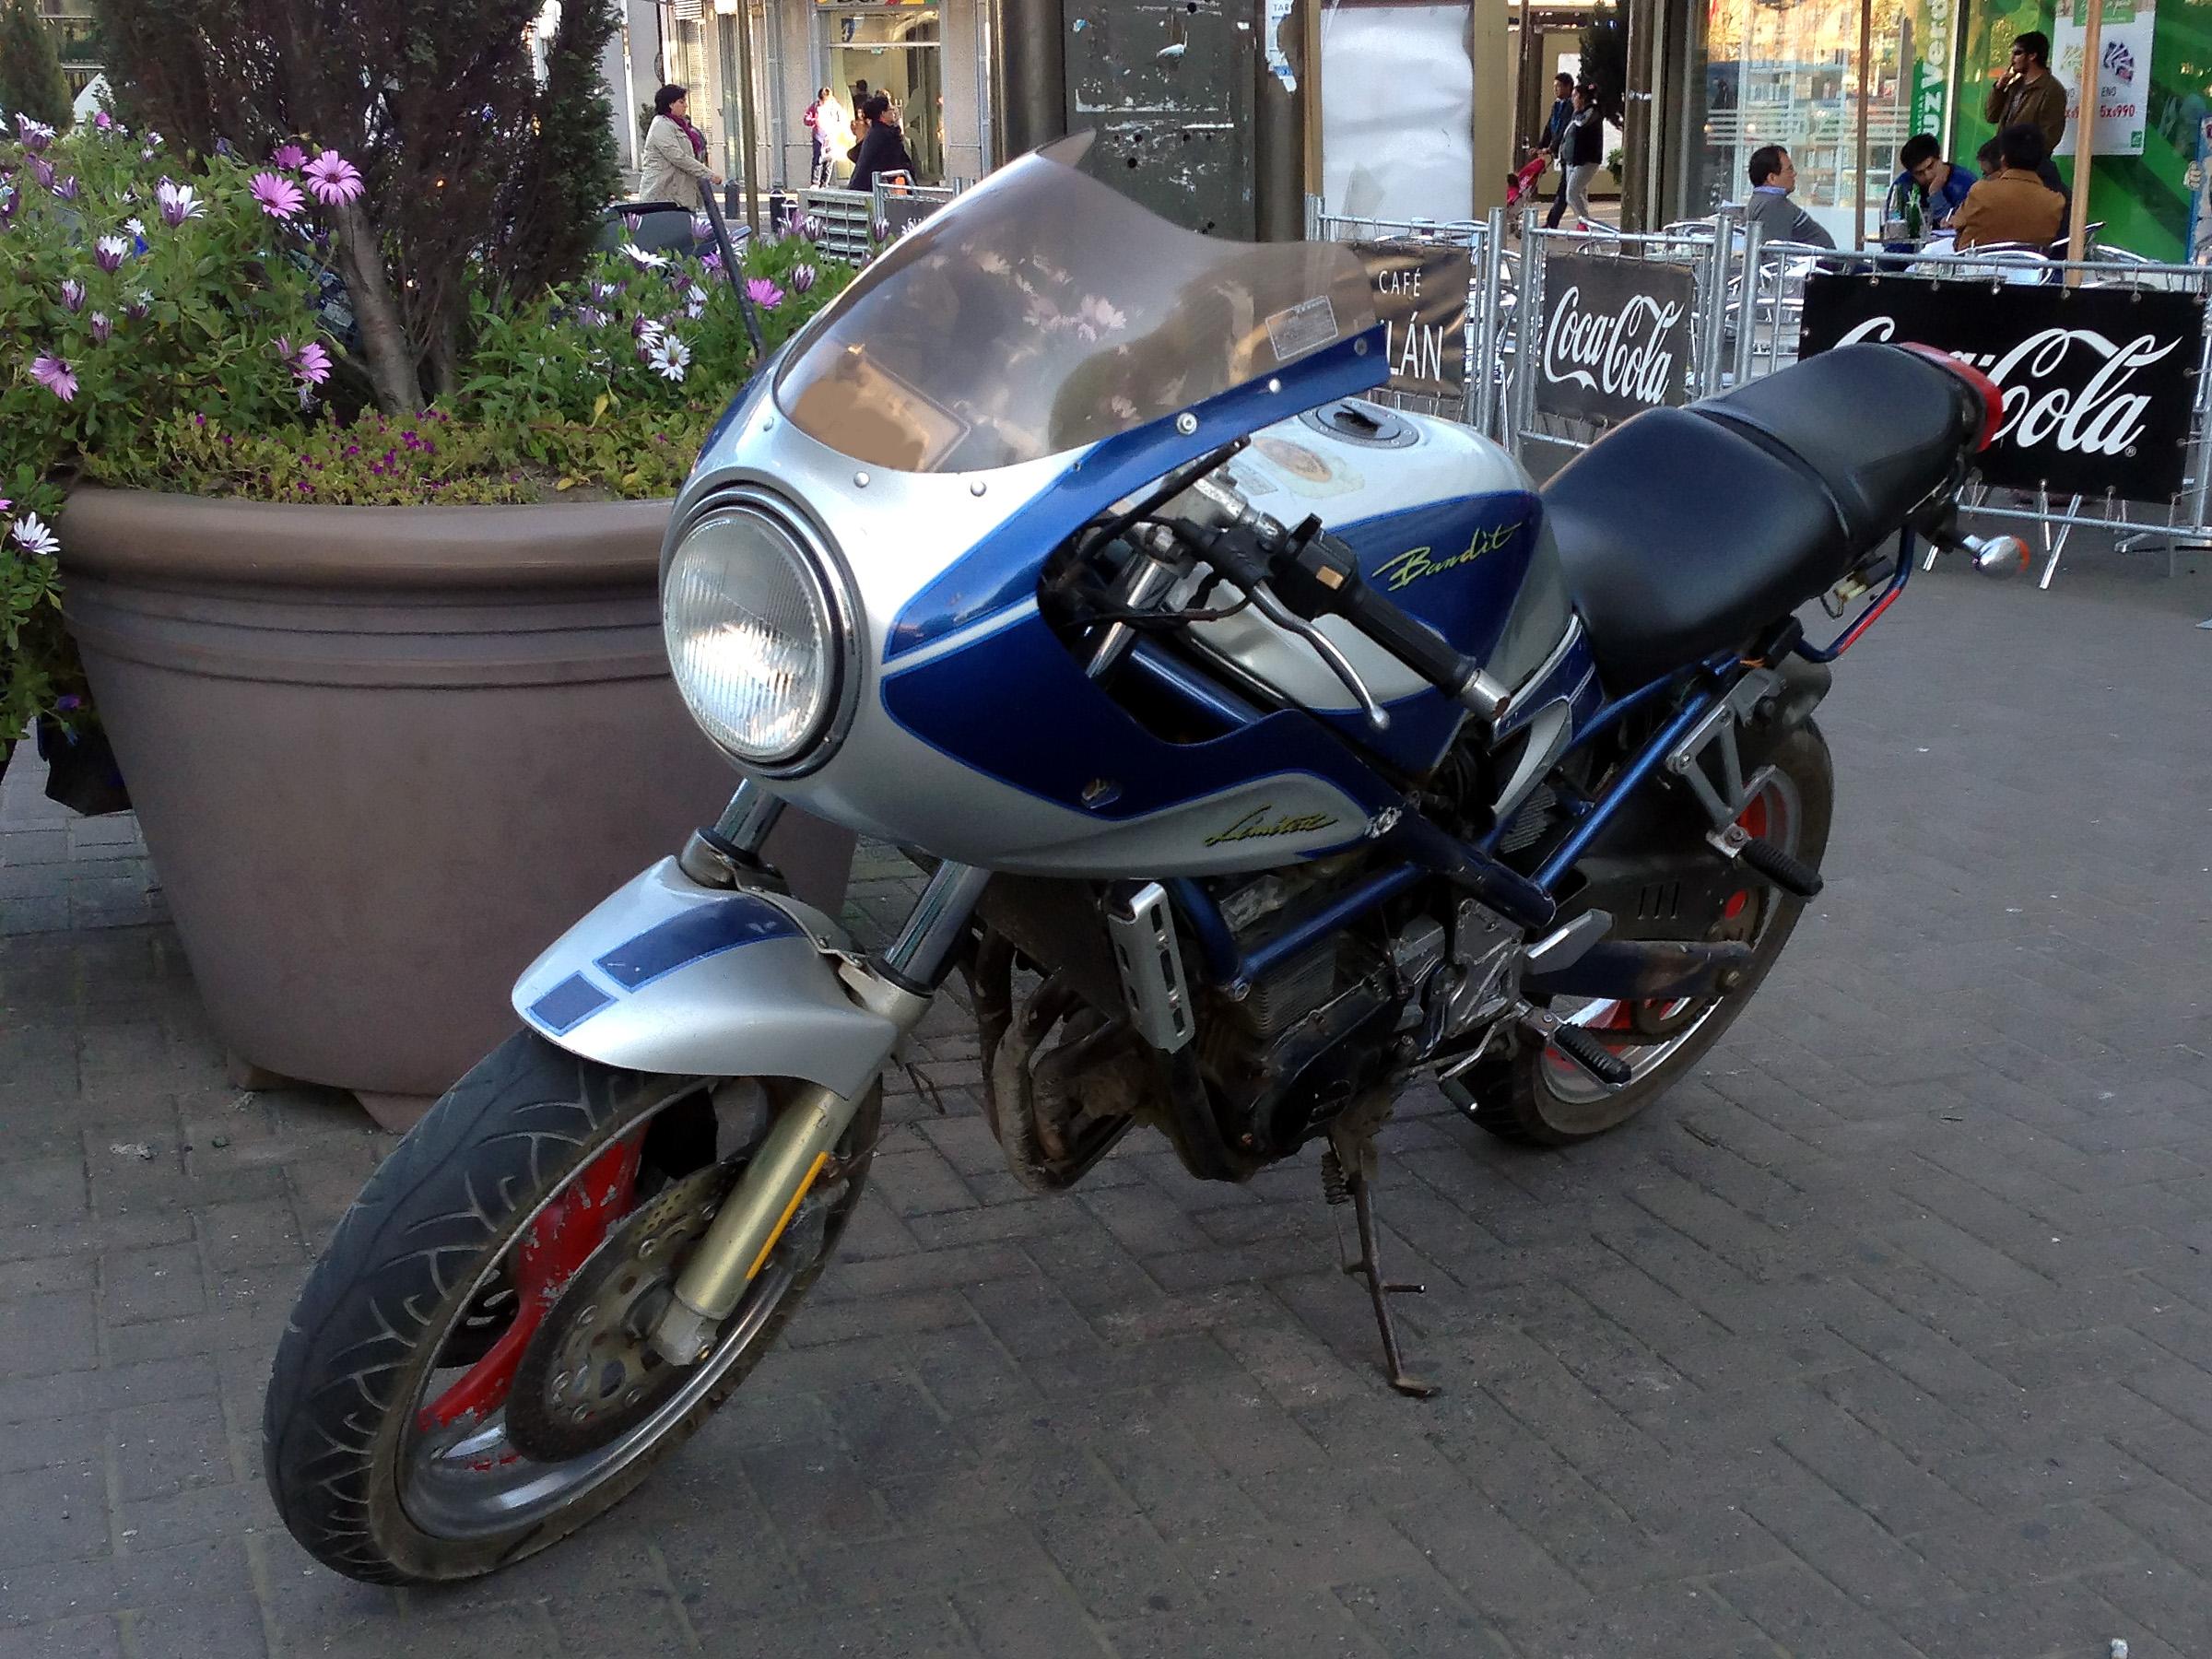 Suzuki Bandit 400 - briefly about the main